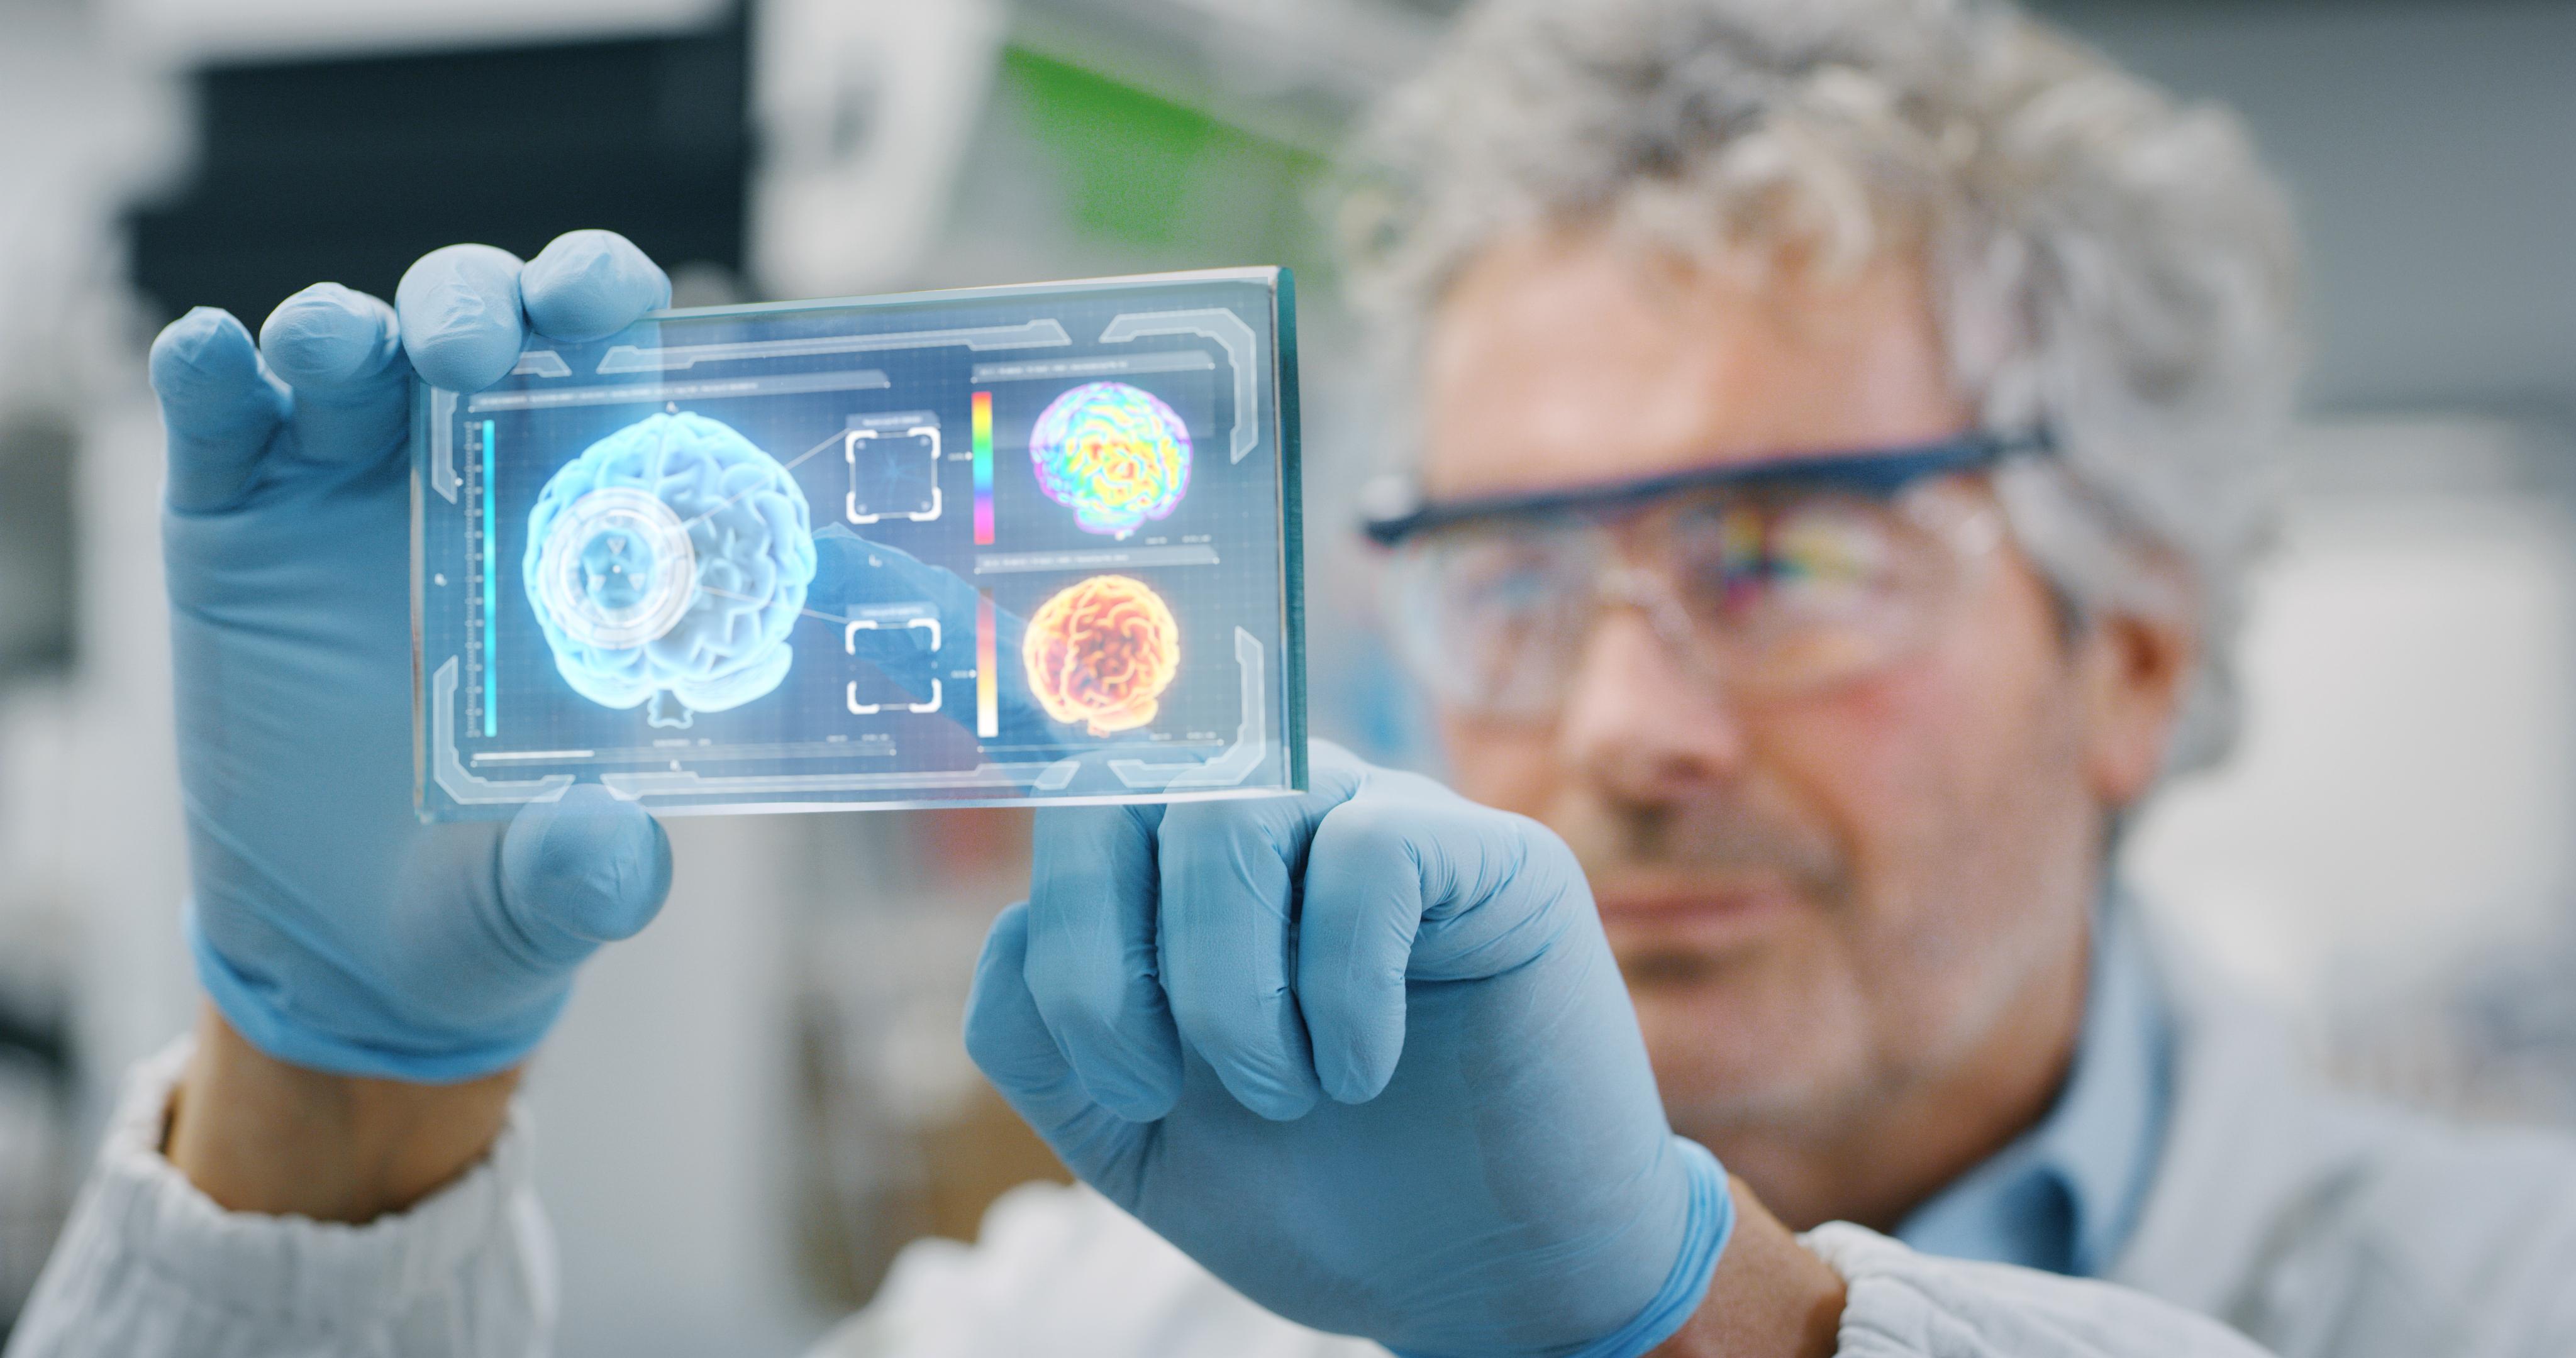 Tíz éven belül áttörést várnak az innovatív gyógyszergyártók vezetői